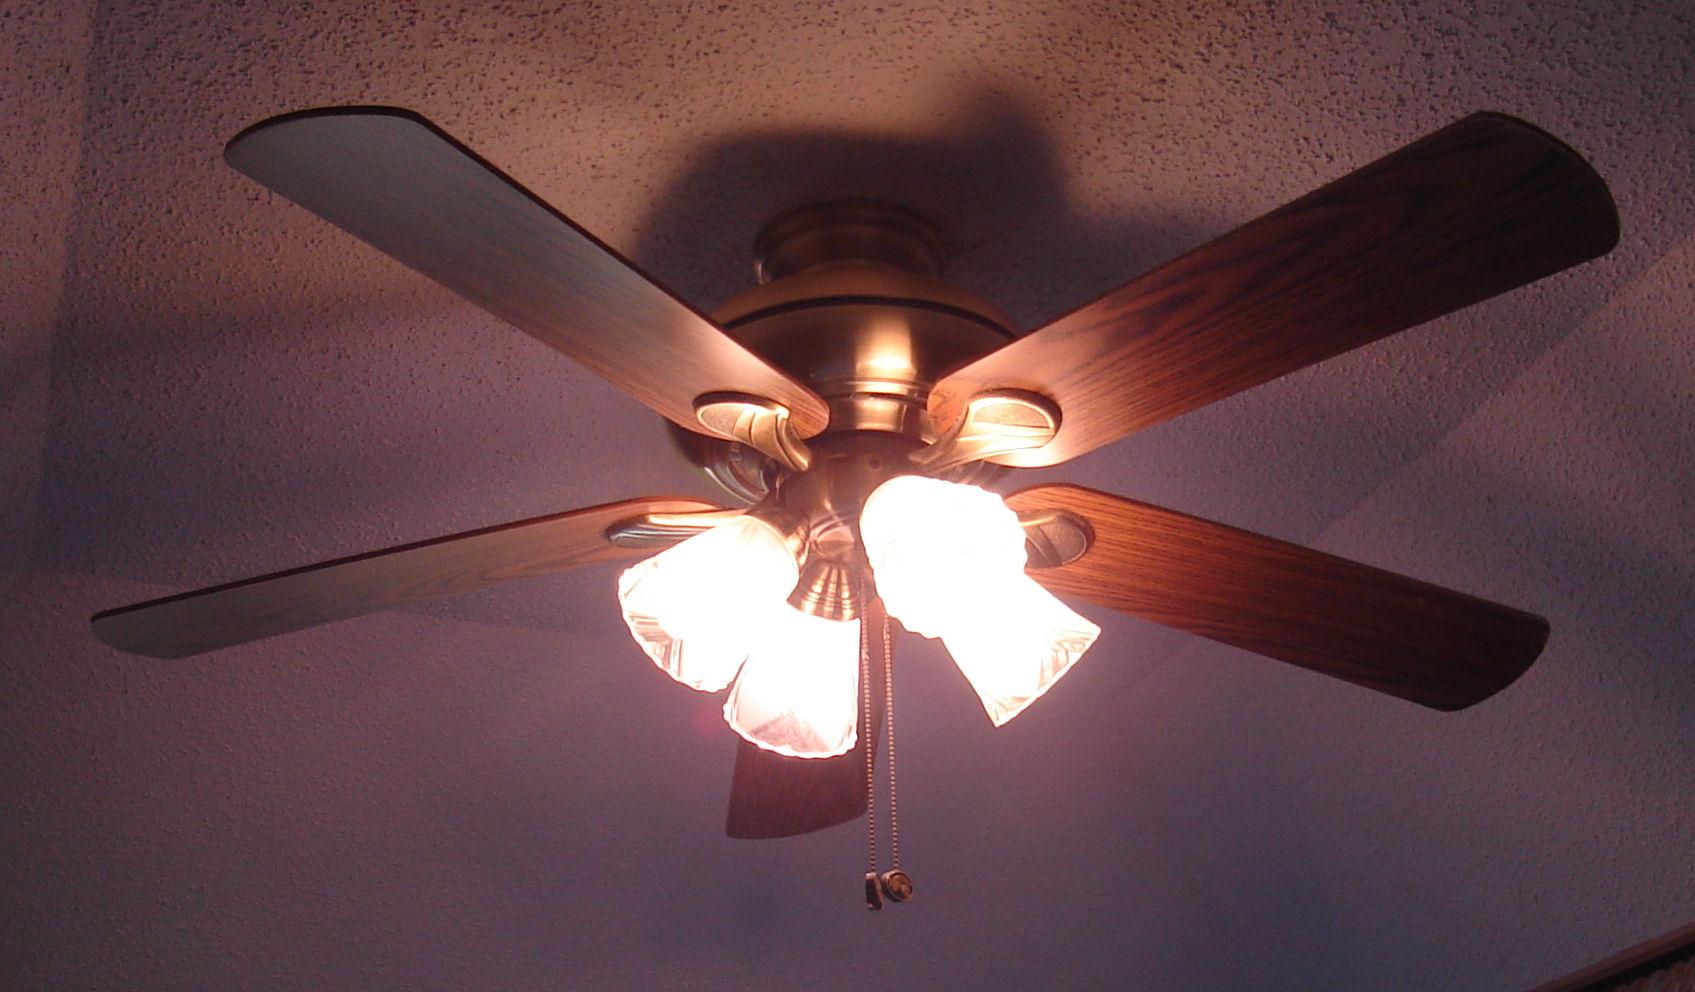 A special ceiling fan